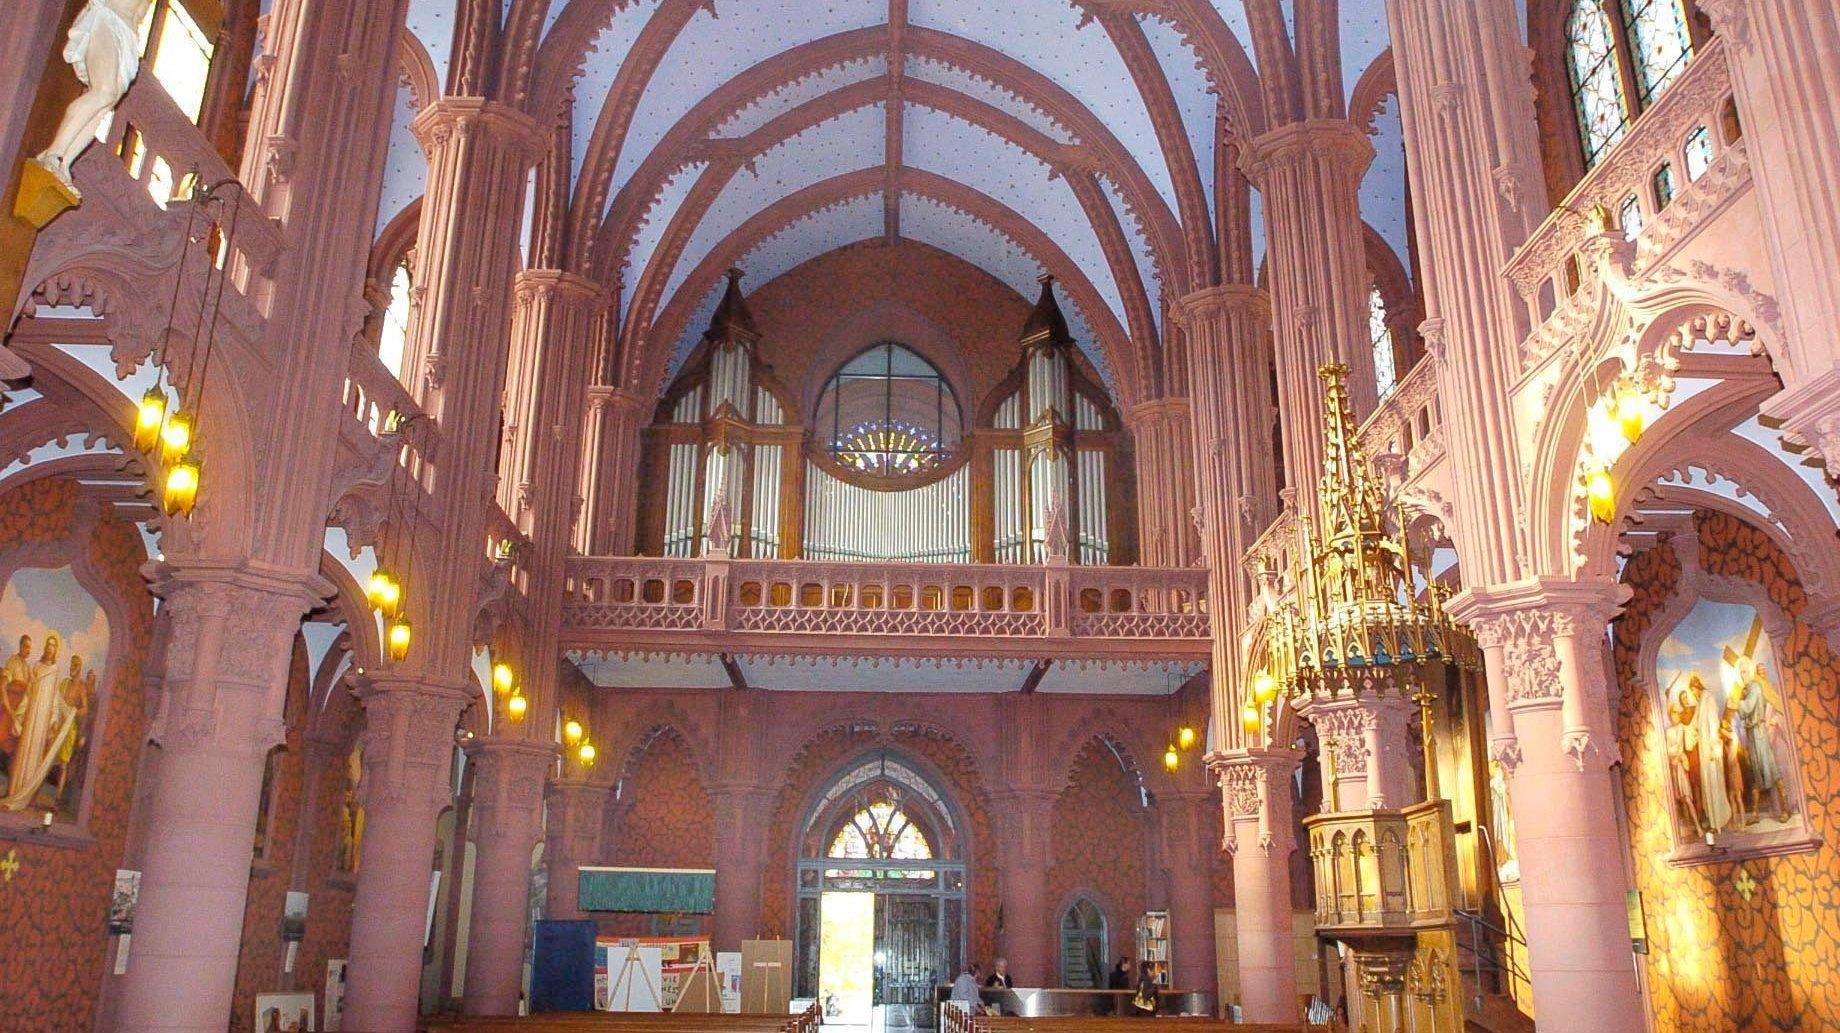 Le nouvel orgue de l'Eglise rouge résonnera en octobre